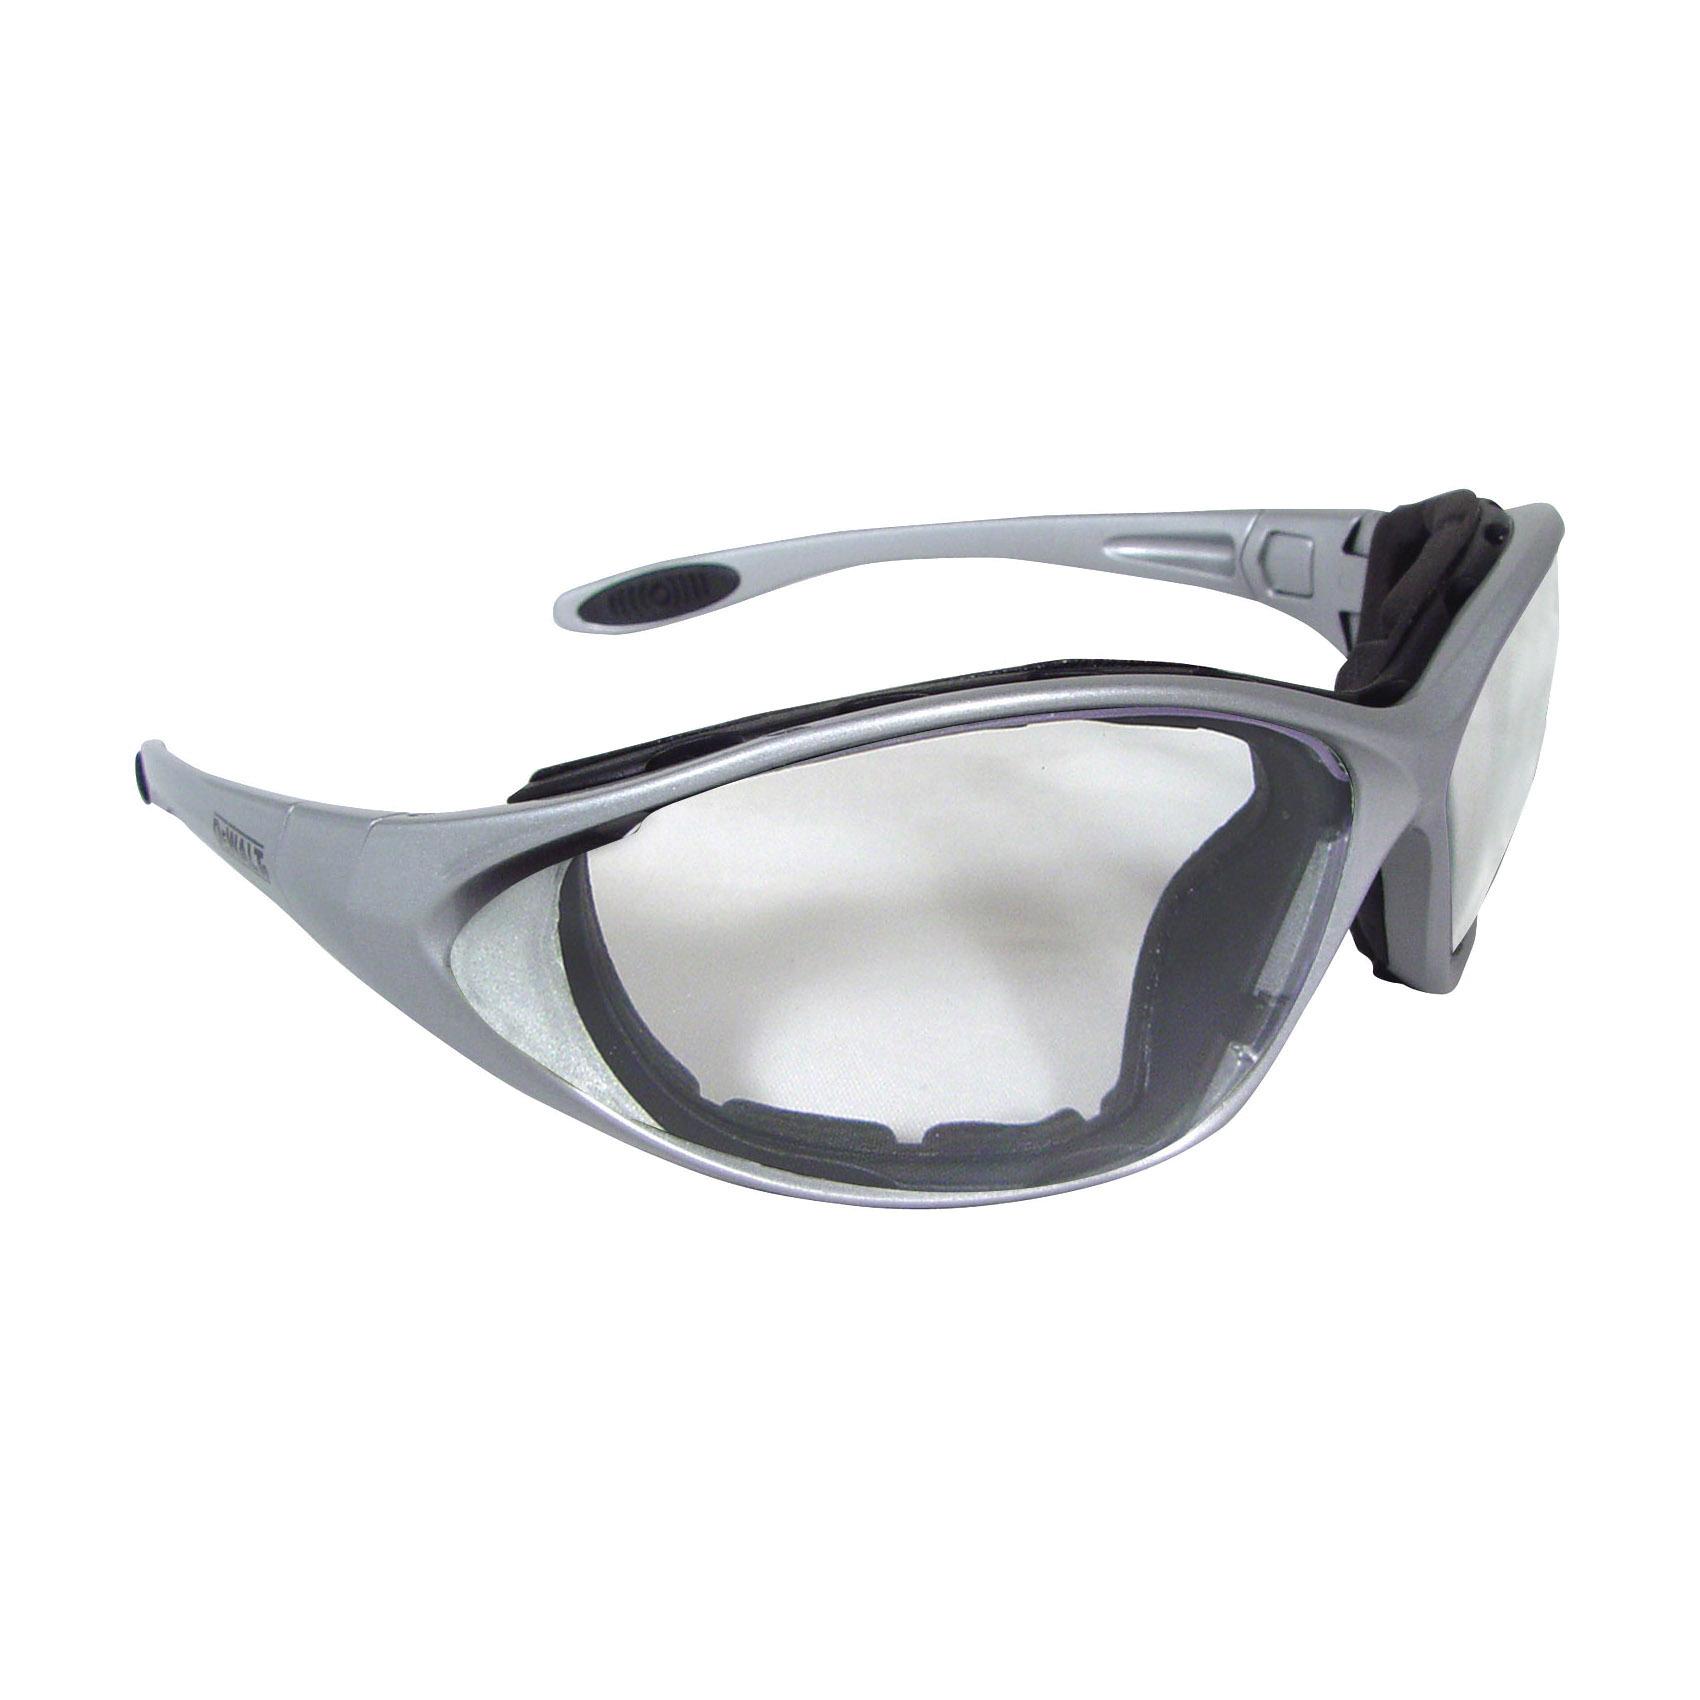 DeWALT® by Radians® DPG94-2D Dominator™ DPG94 Safety Glasses, Hard Coated, Smoke Lens, Full Framed Frame, Black, Plastic Frame, Polycarbonate Lens, ANSI Z87.1+